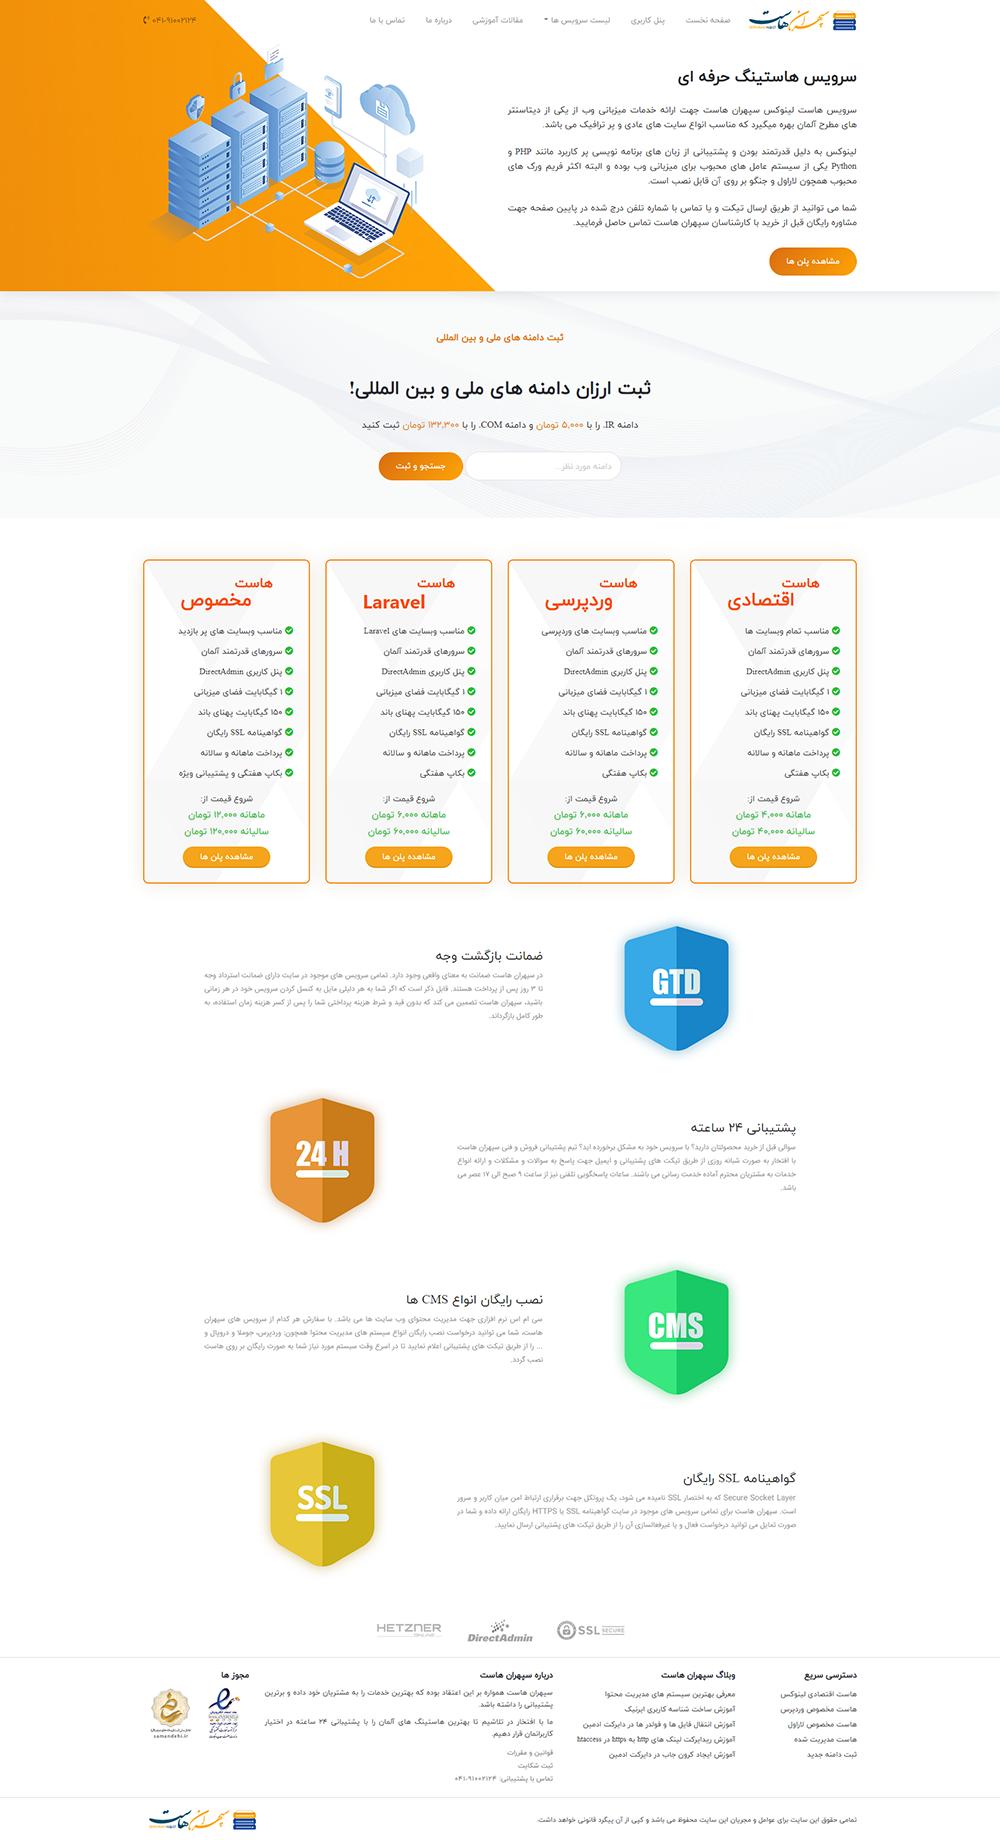 طراحی قالب سایت سپهران هاست